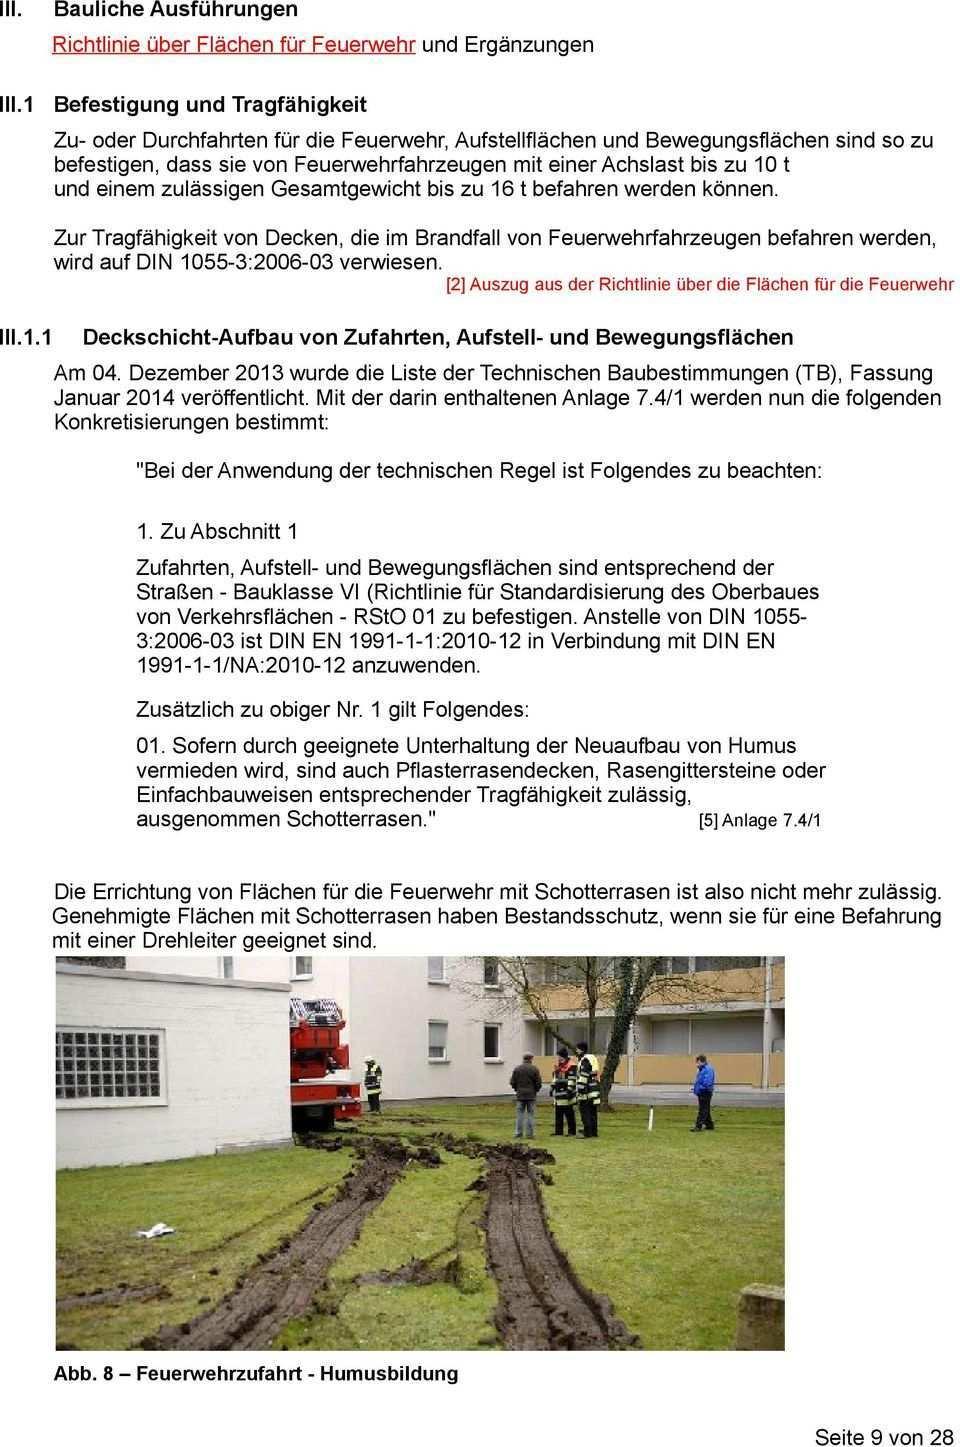 Flachen Fur Die Feuerwehr Pdf Free Download